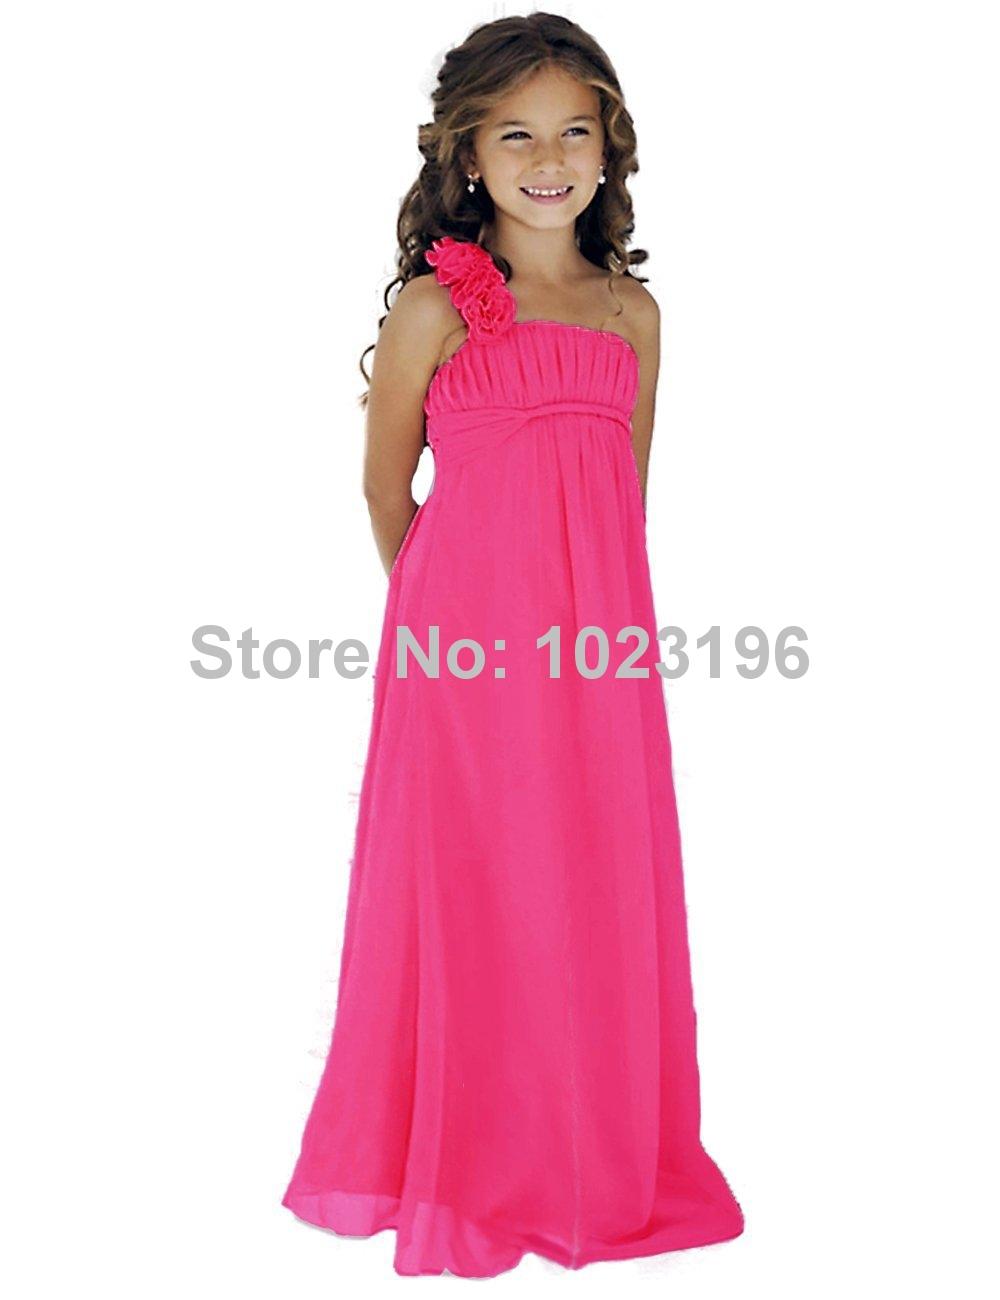 Купить детские платья с доставкой